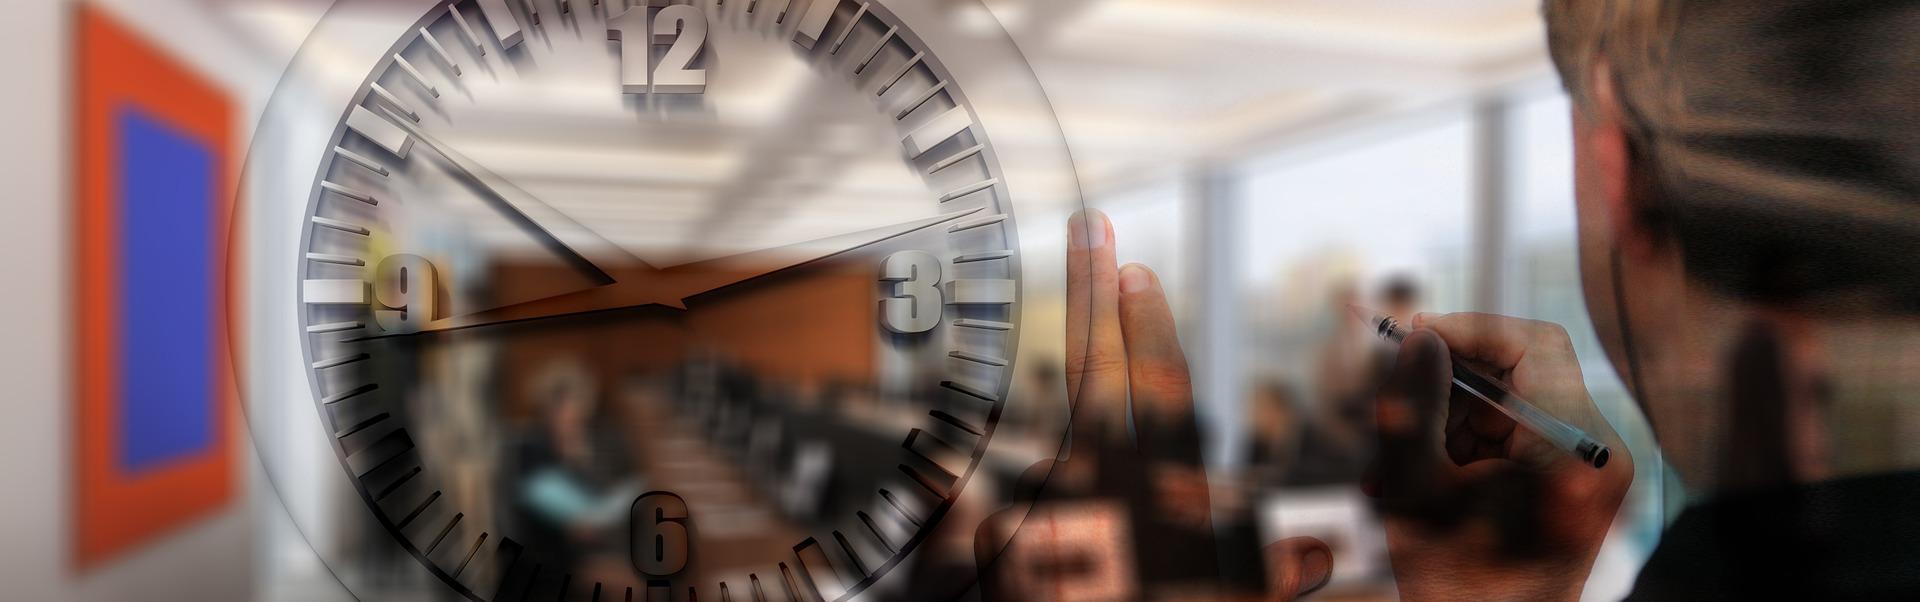 business-process-management-bpm-bct